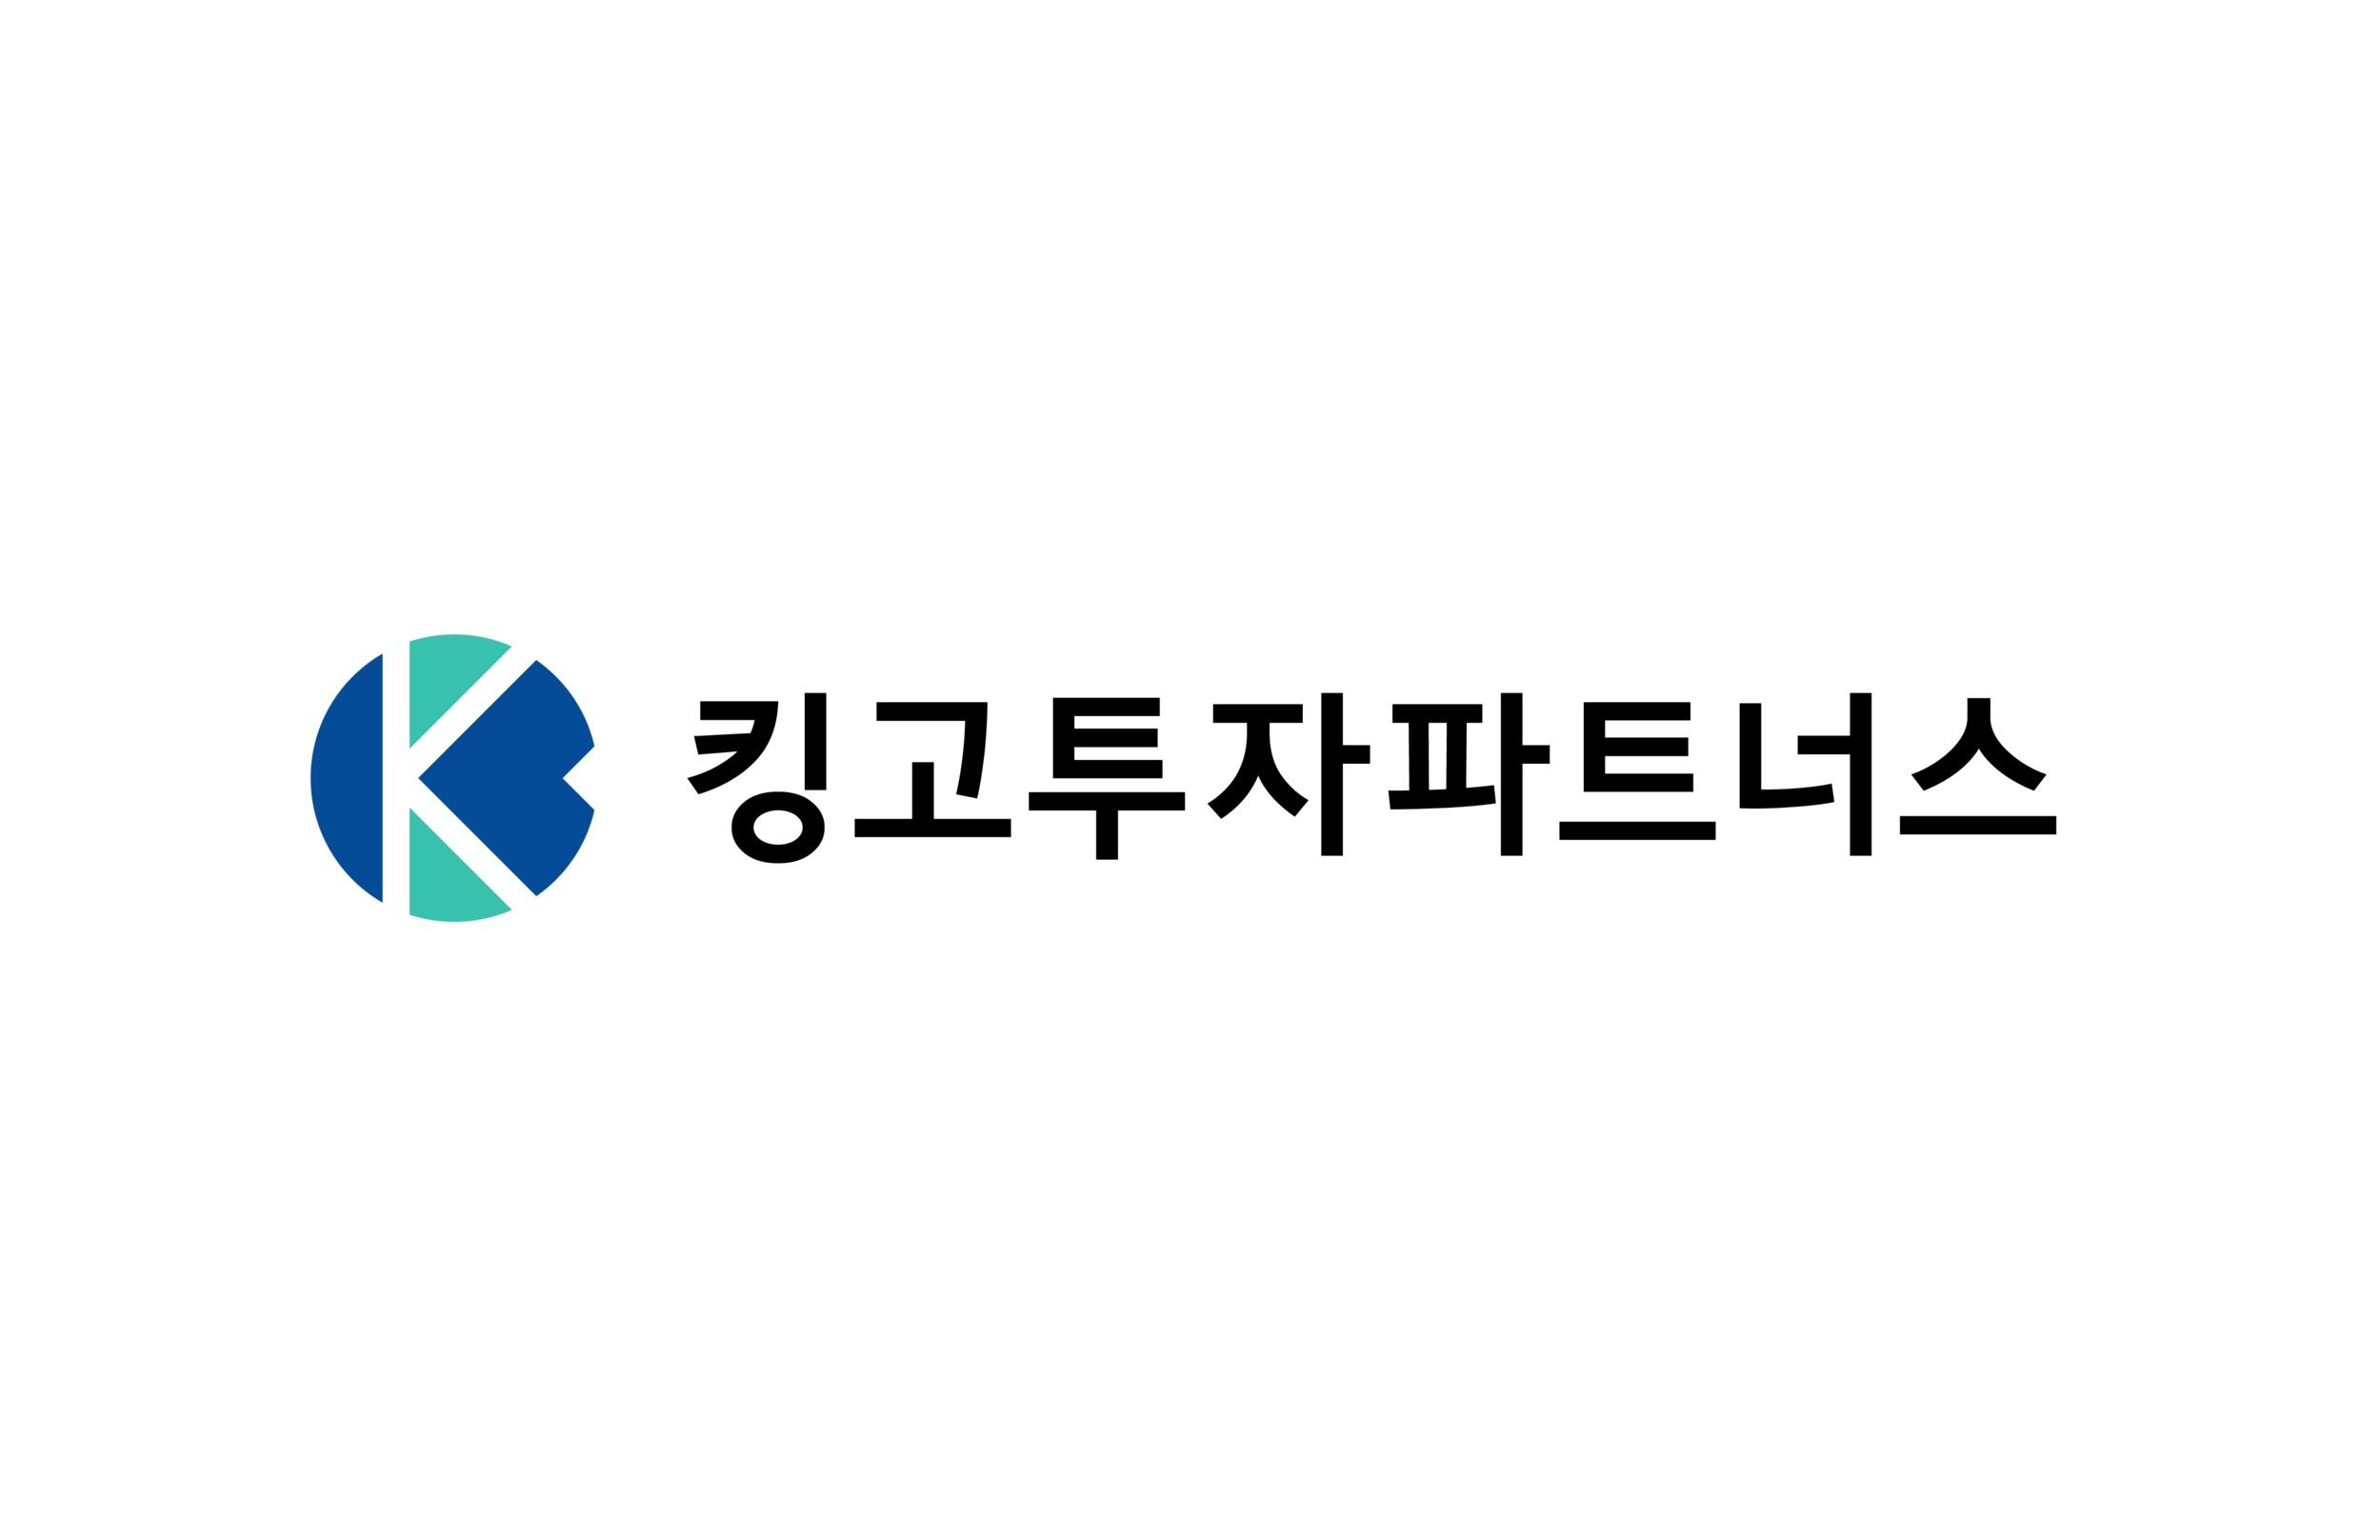 Kingo_logotype_Kingo Logotype 2.png